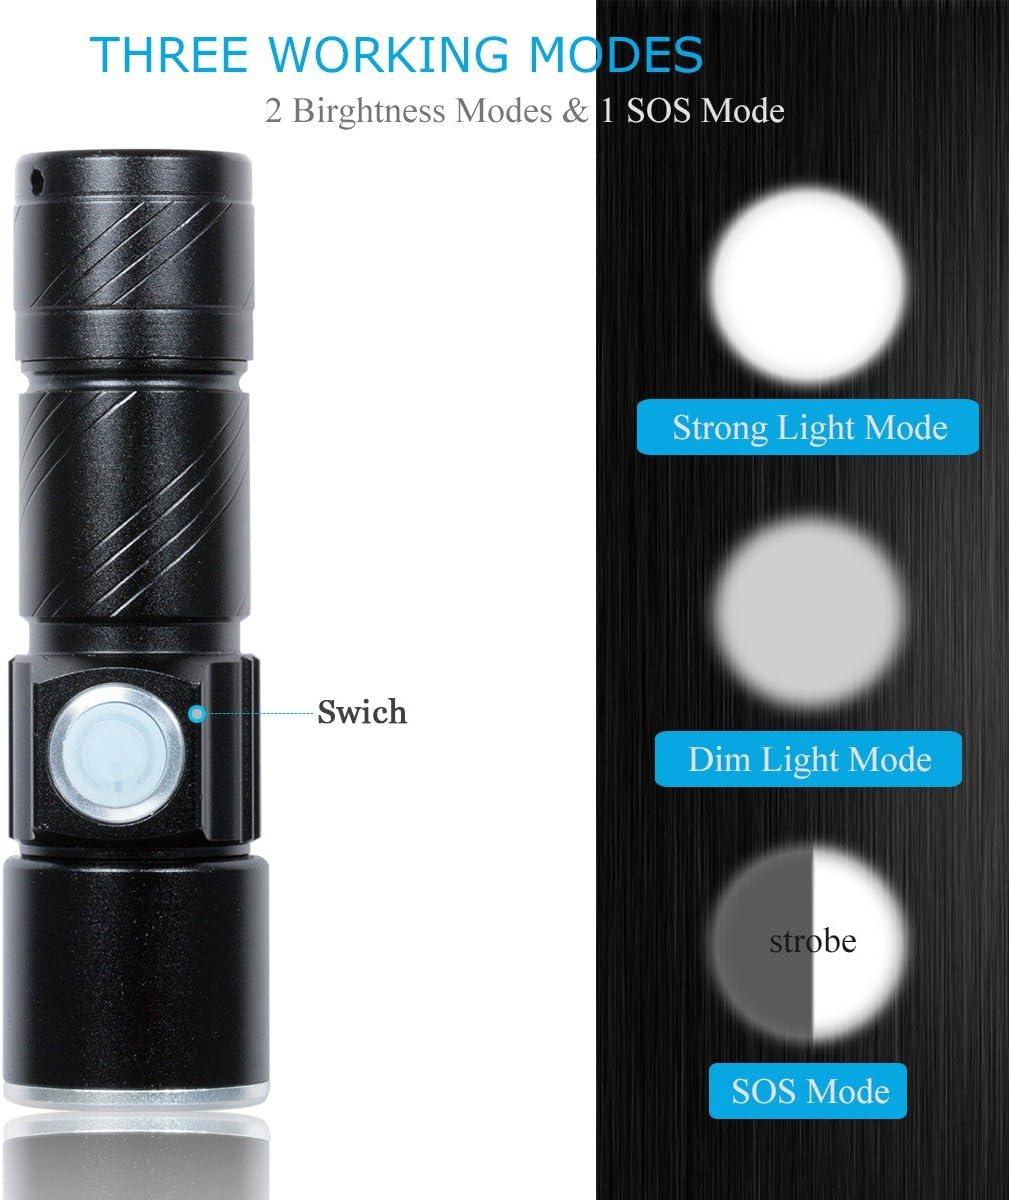 linterna con 3 modos y extremadamente brillante Mini linterna LED recargable por USB 350 l/úmenes Fulighture resistente al agua IPX4 camping 2 unidades zoom para exterior senderismo